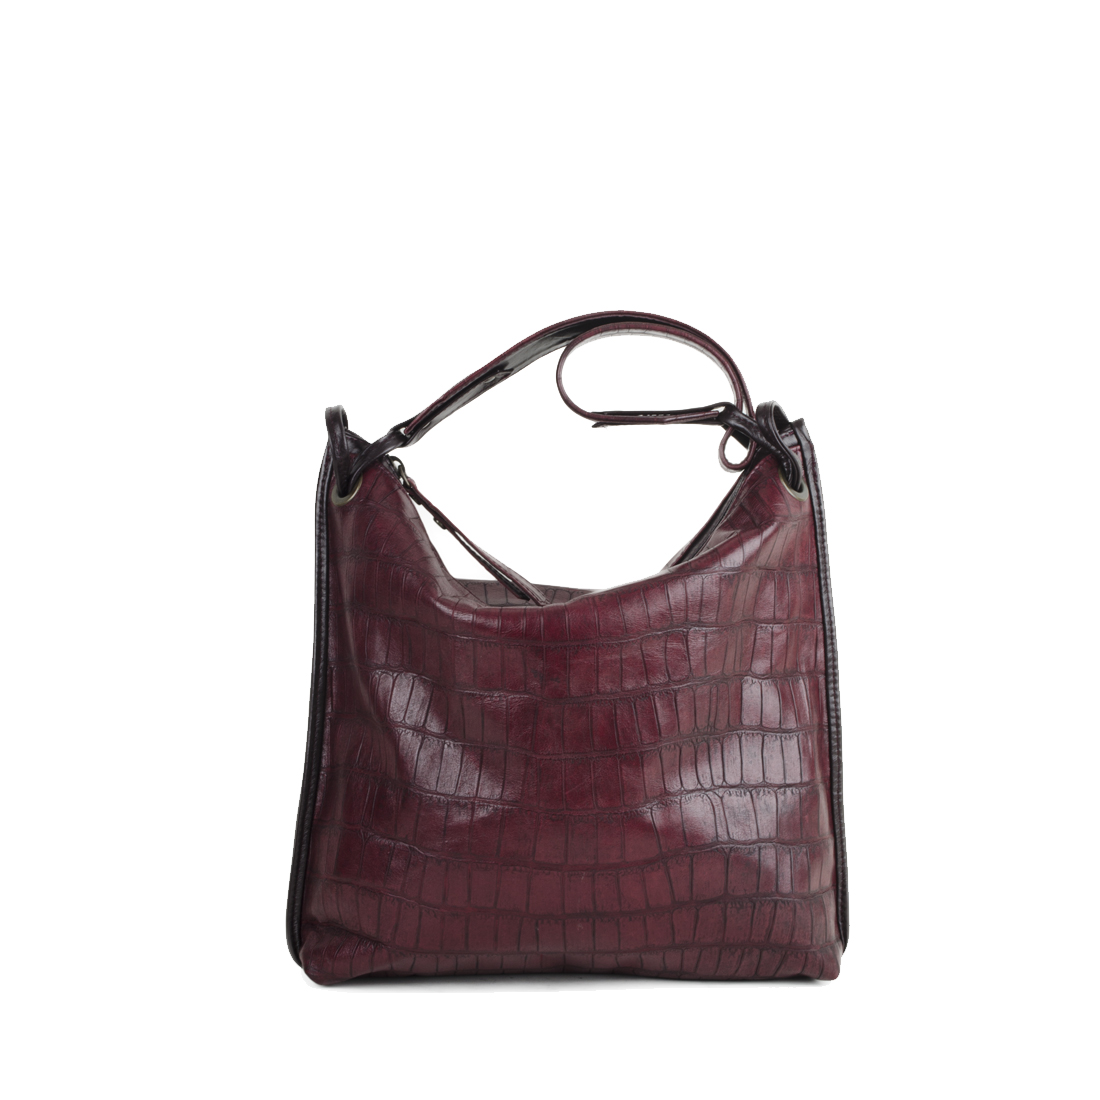 Maria Burgundy Red Leather Shoulder Bag